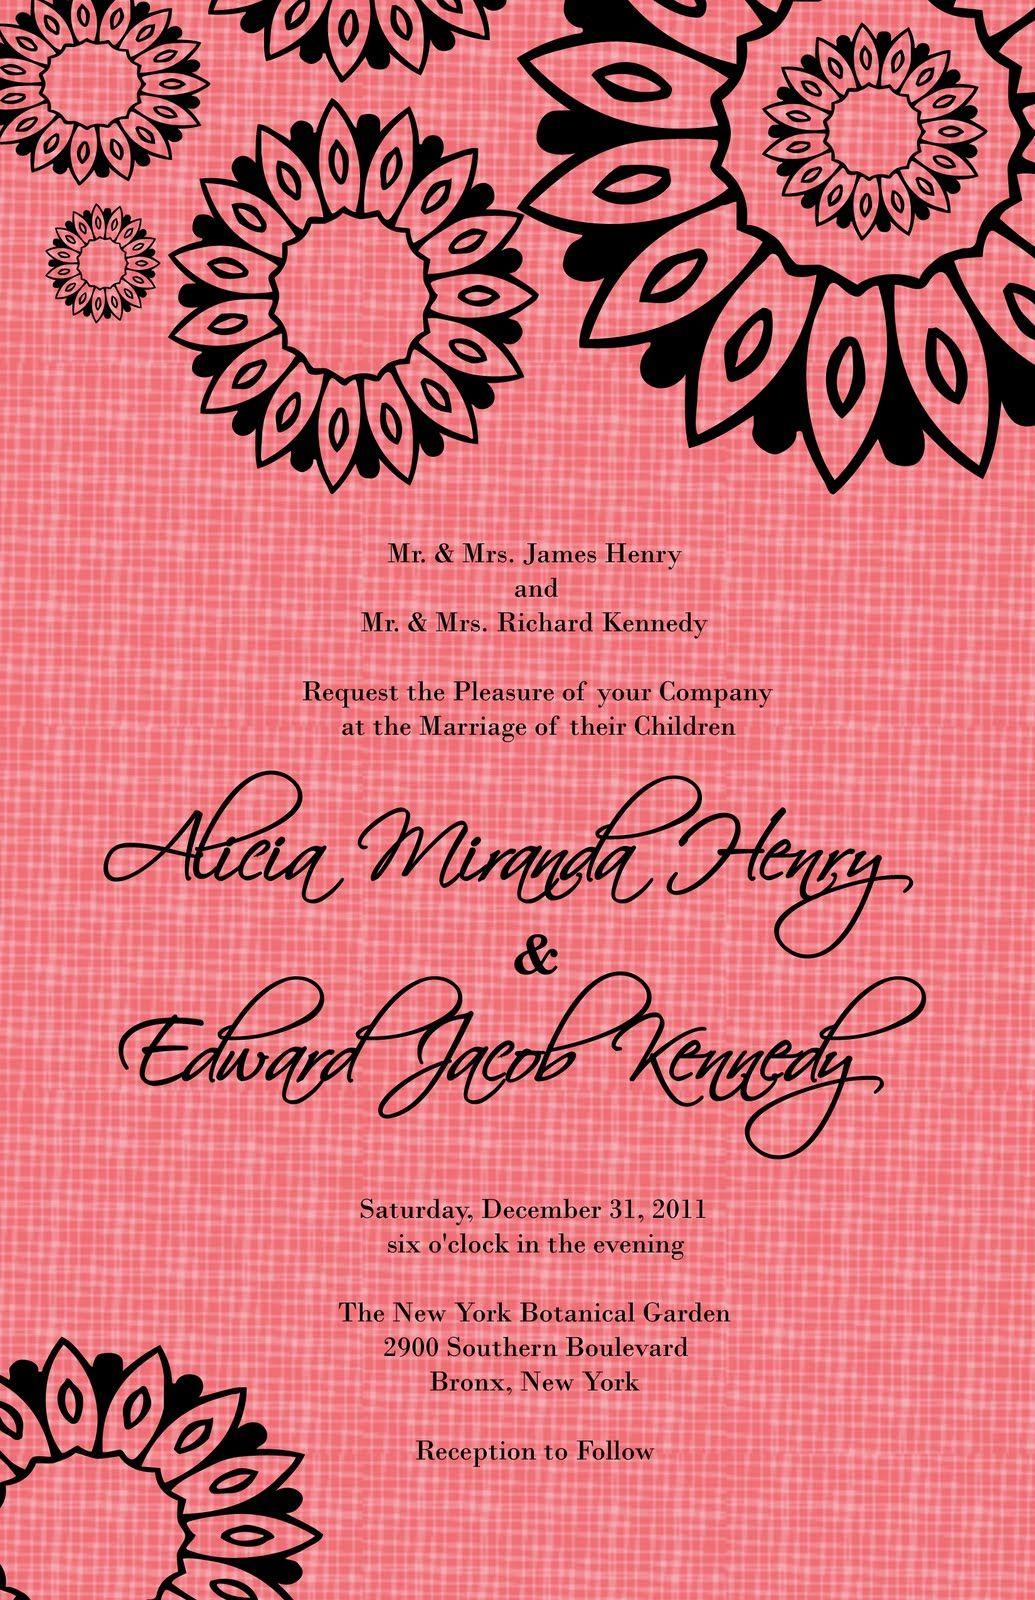 Flower Power Design Wedding Invitation I used Adobe Photoshop Shapes ...